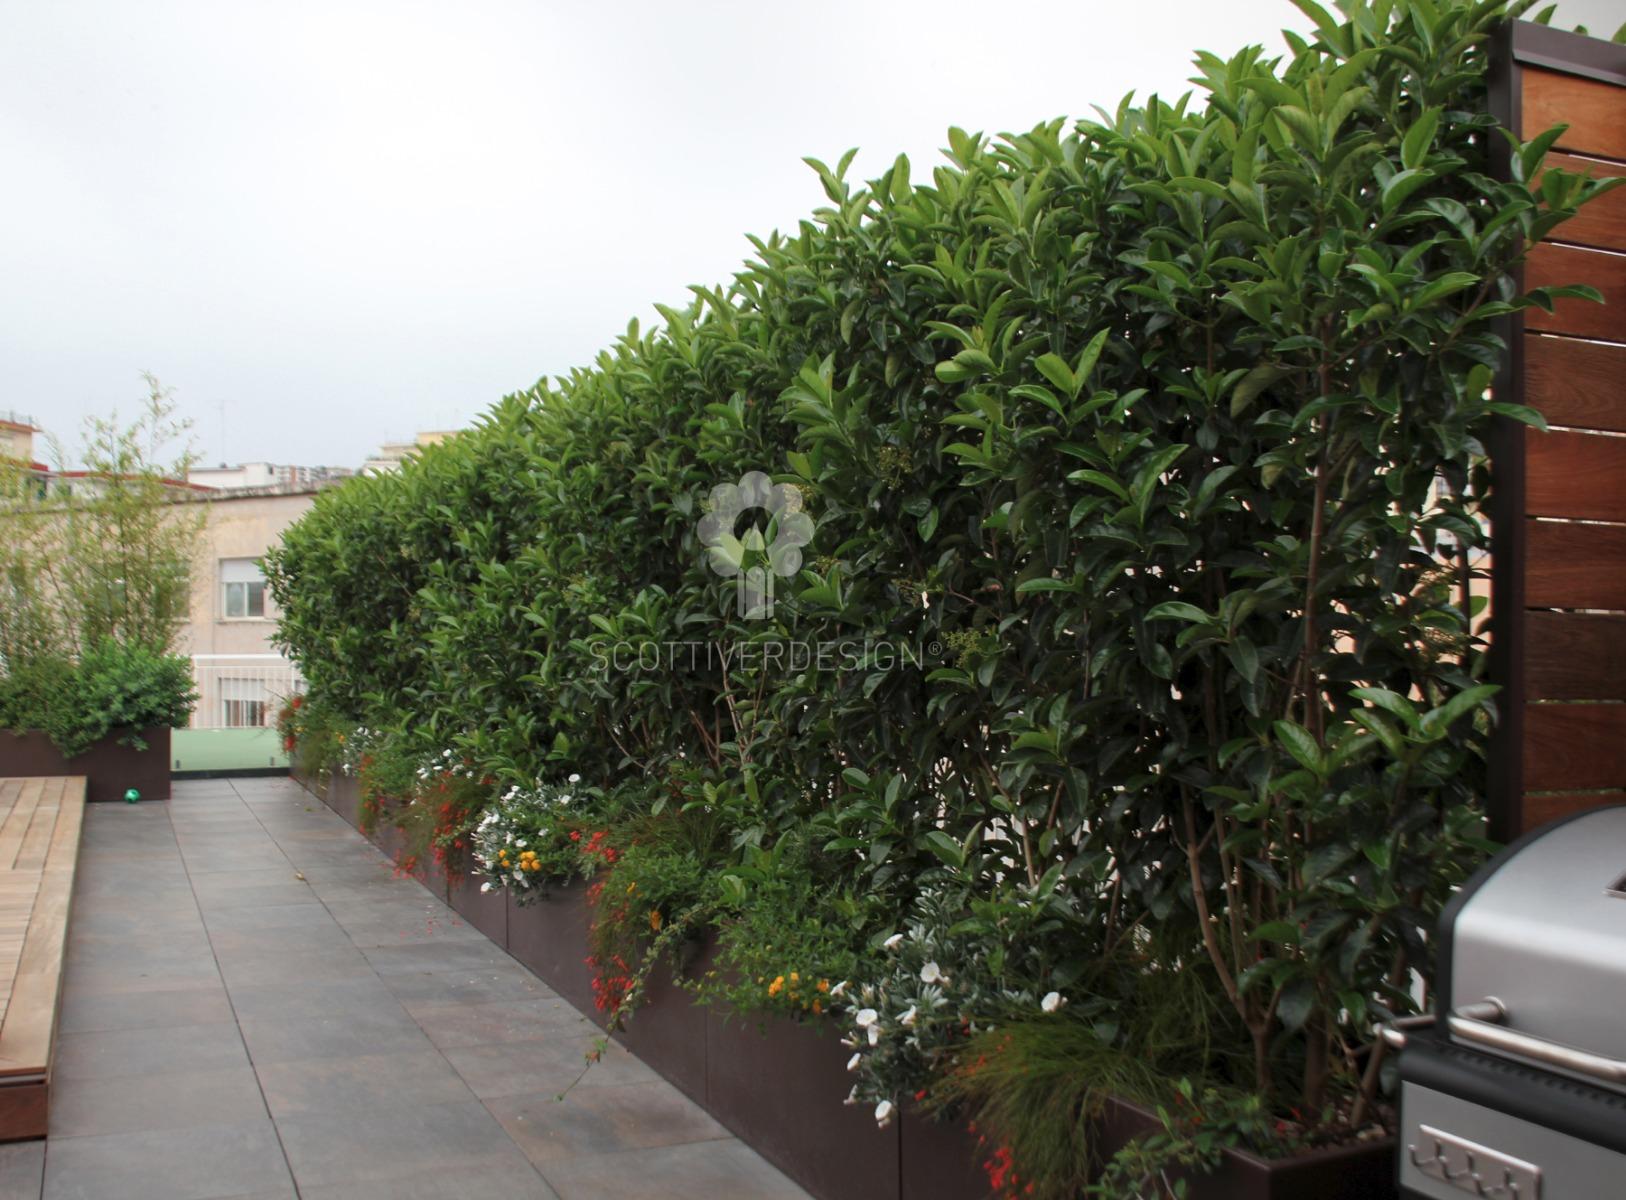 Siepe in vaso per terrazzo top le piante che possono essere utilizzate per realizzare delle - Siepe in vaso terrazzo ...